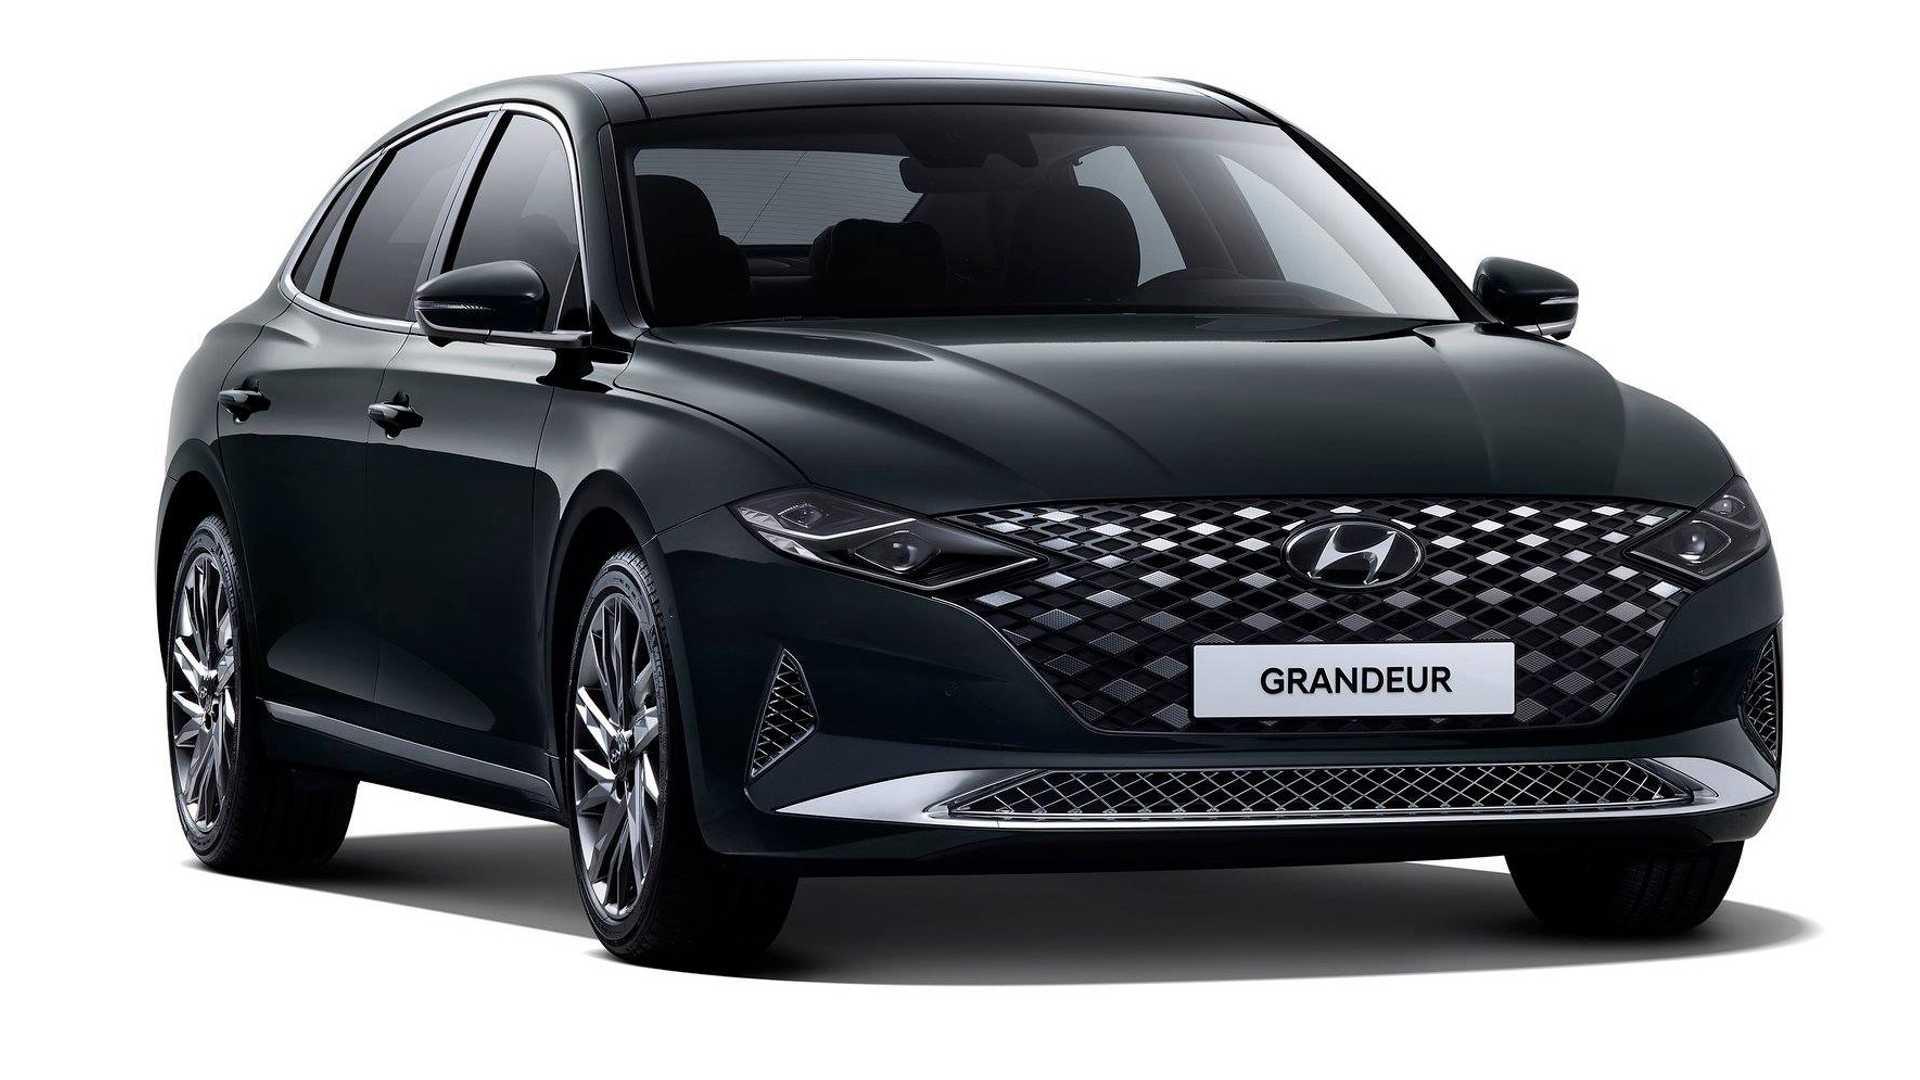 2020_Hyundai_Grandeur_Facelift_0014